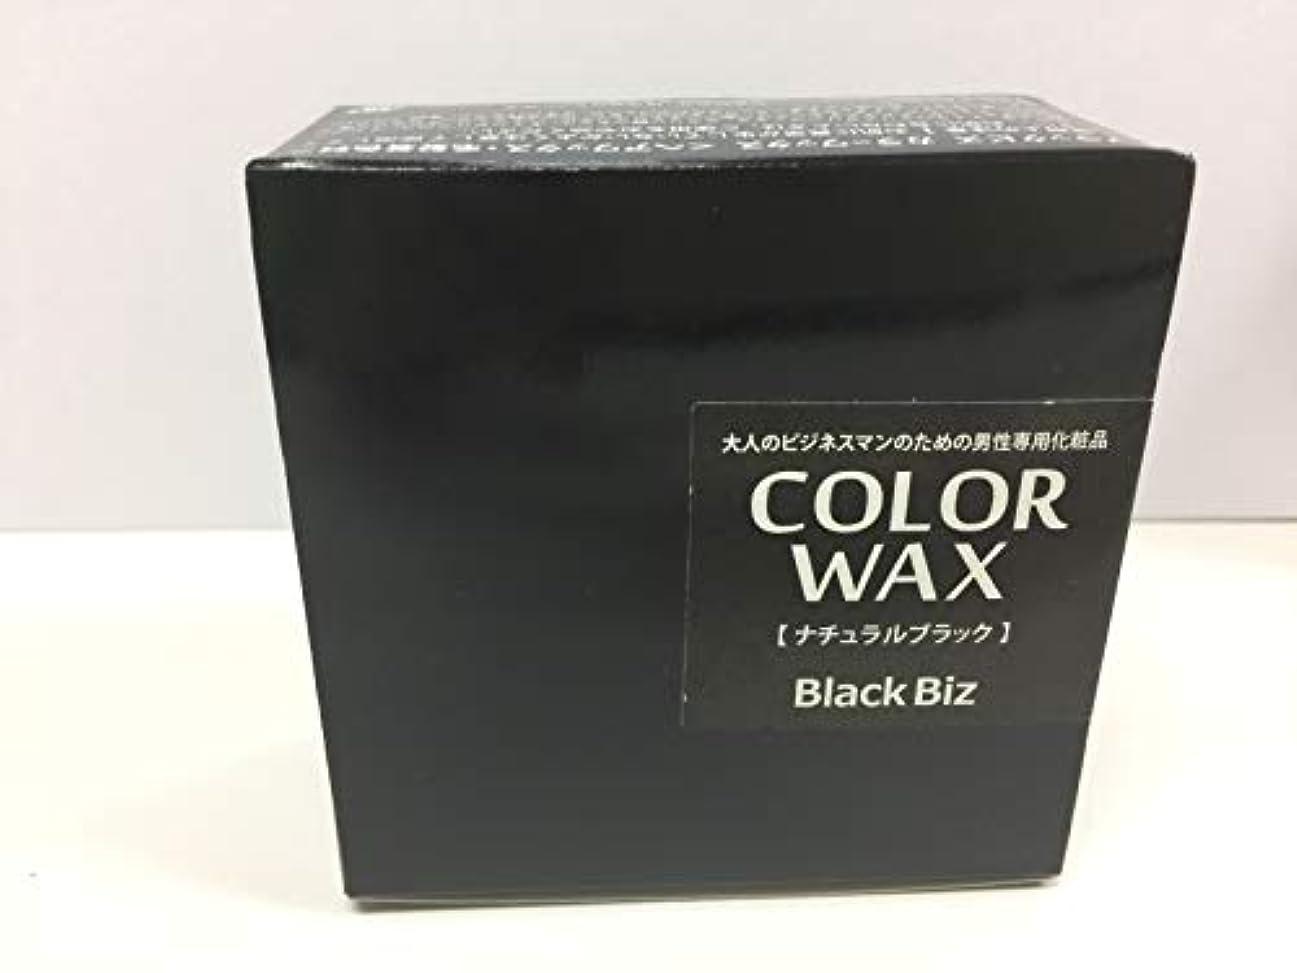 融合治安判事非アクティブ大人のビジネスマンのための男性専用化粧品 BlackBiz COLOR WAX ブラックビズ カラーワックス 【ナチュラルブラック】